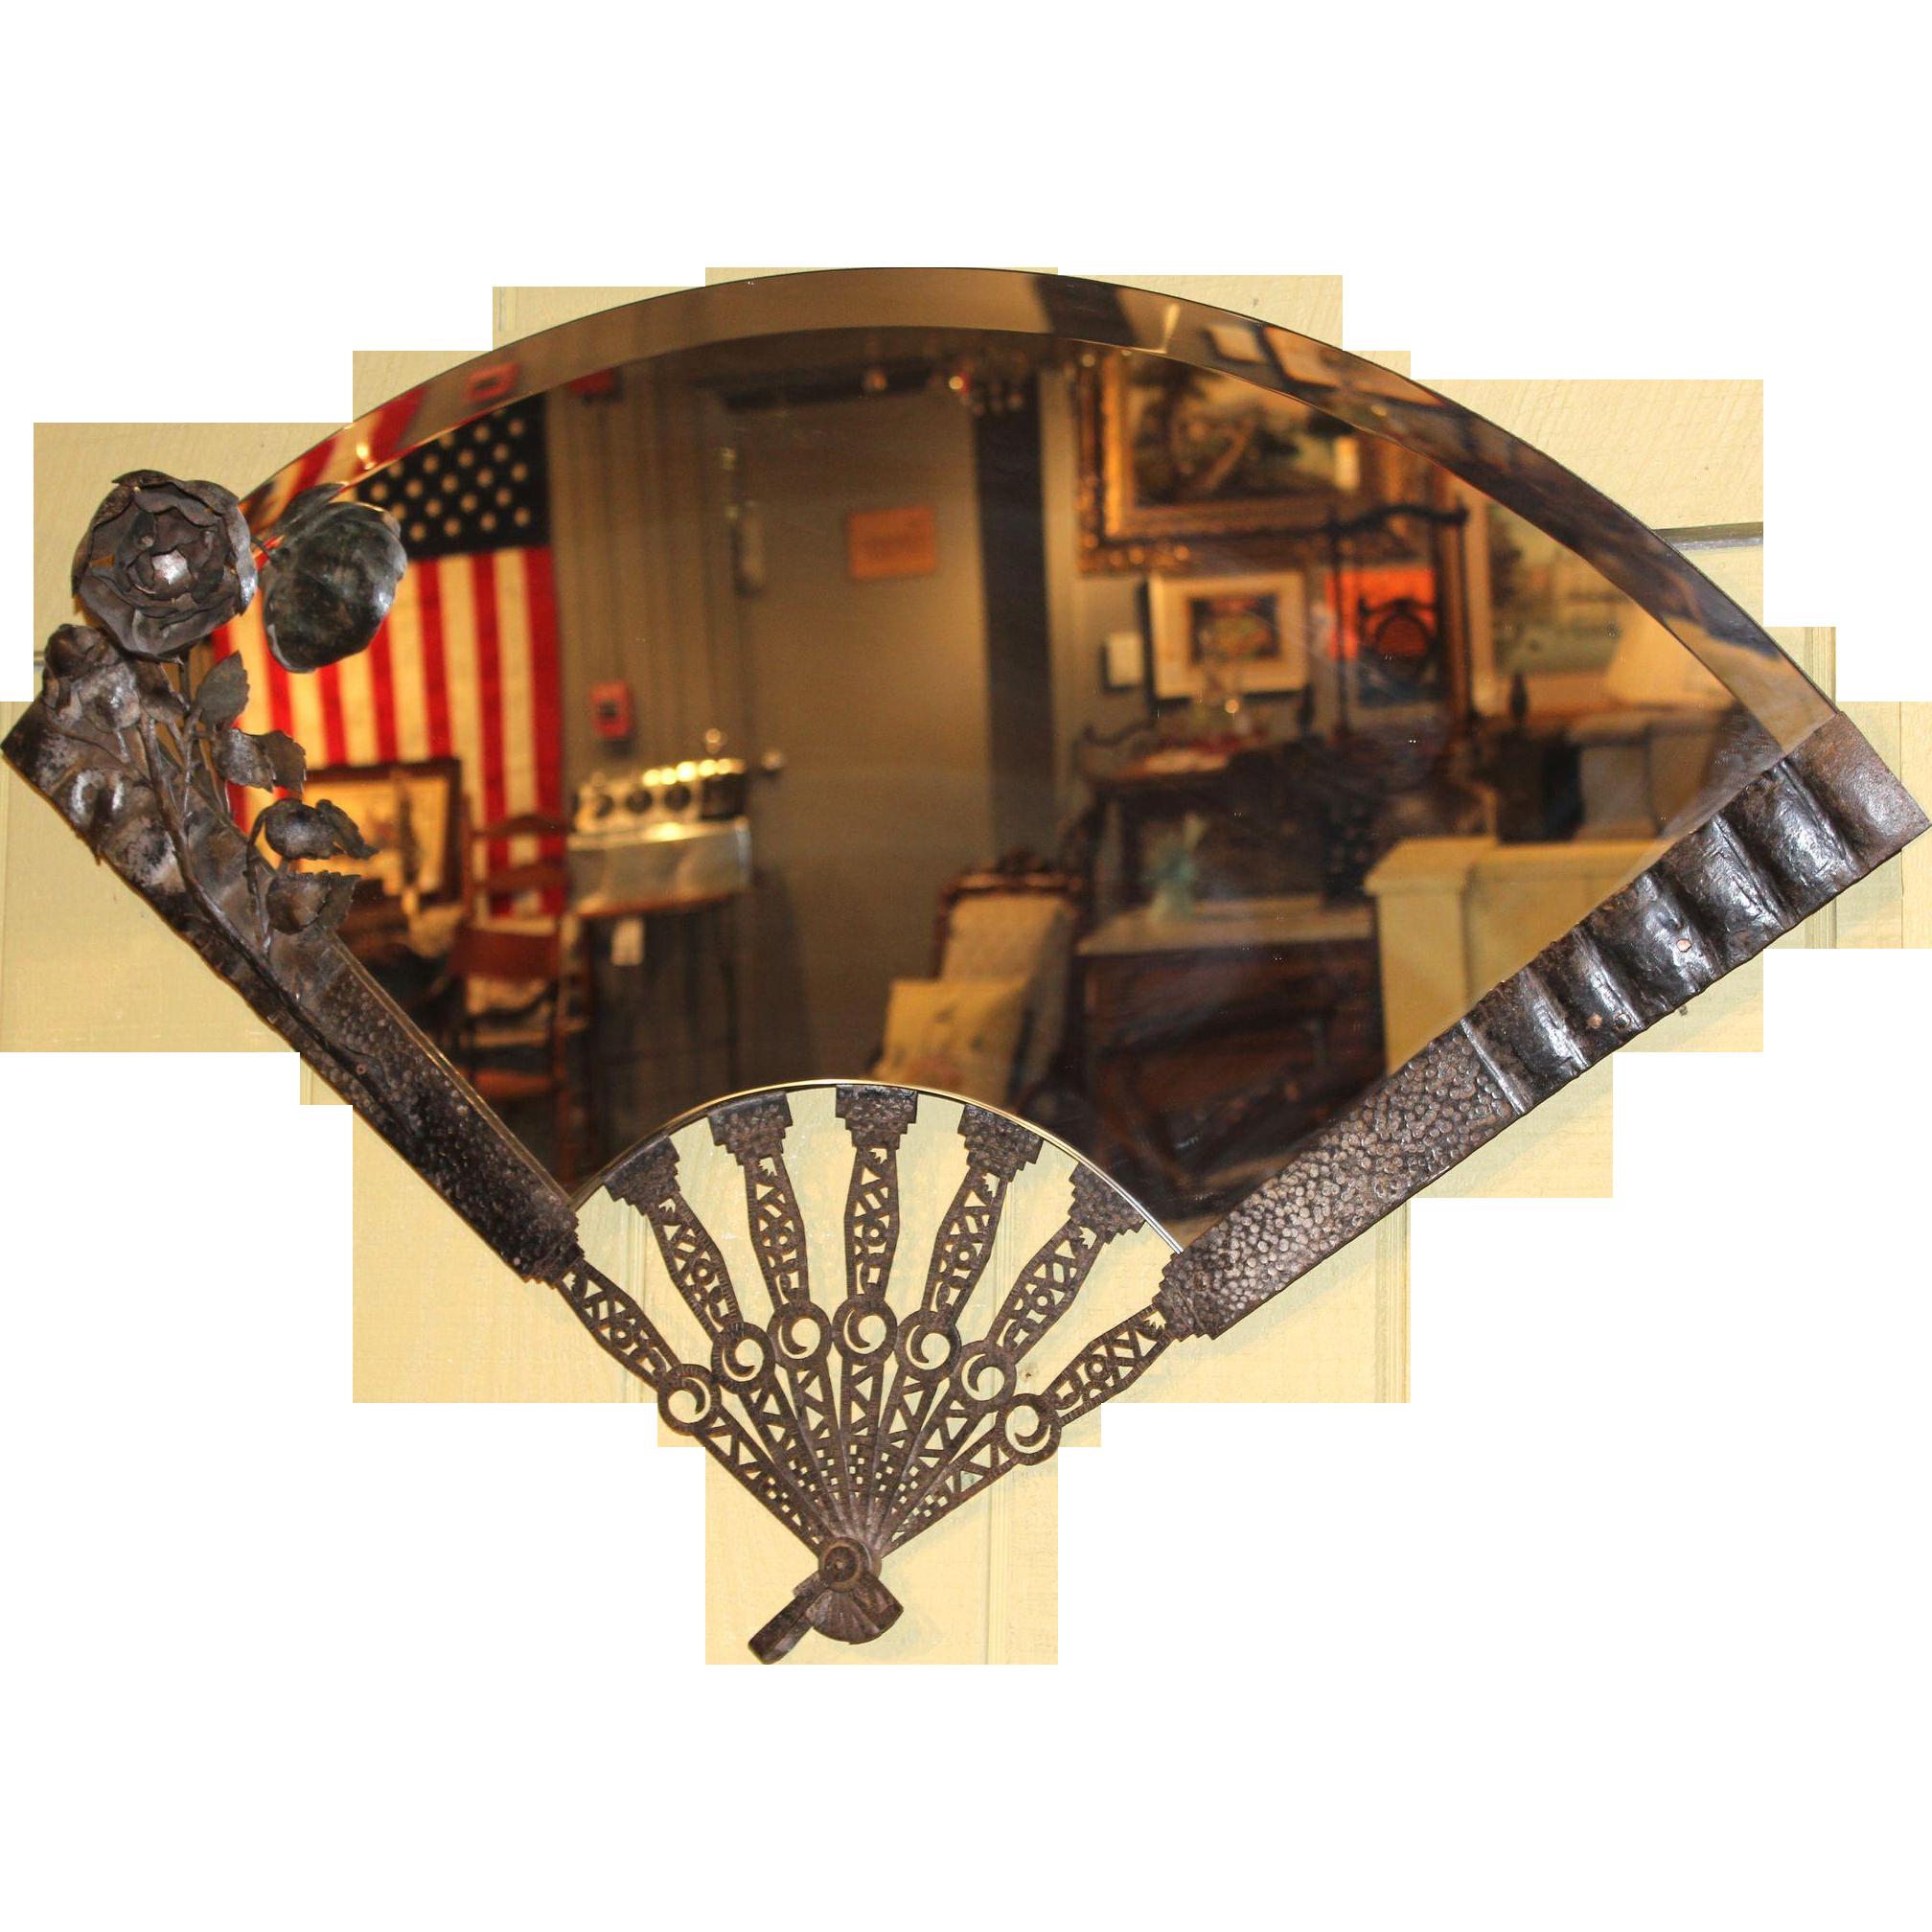 Metalwork Mirror in the Shape of a Folding Fan